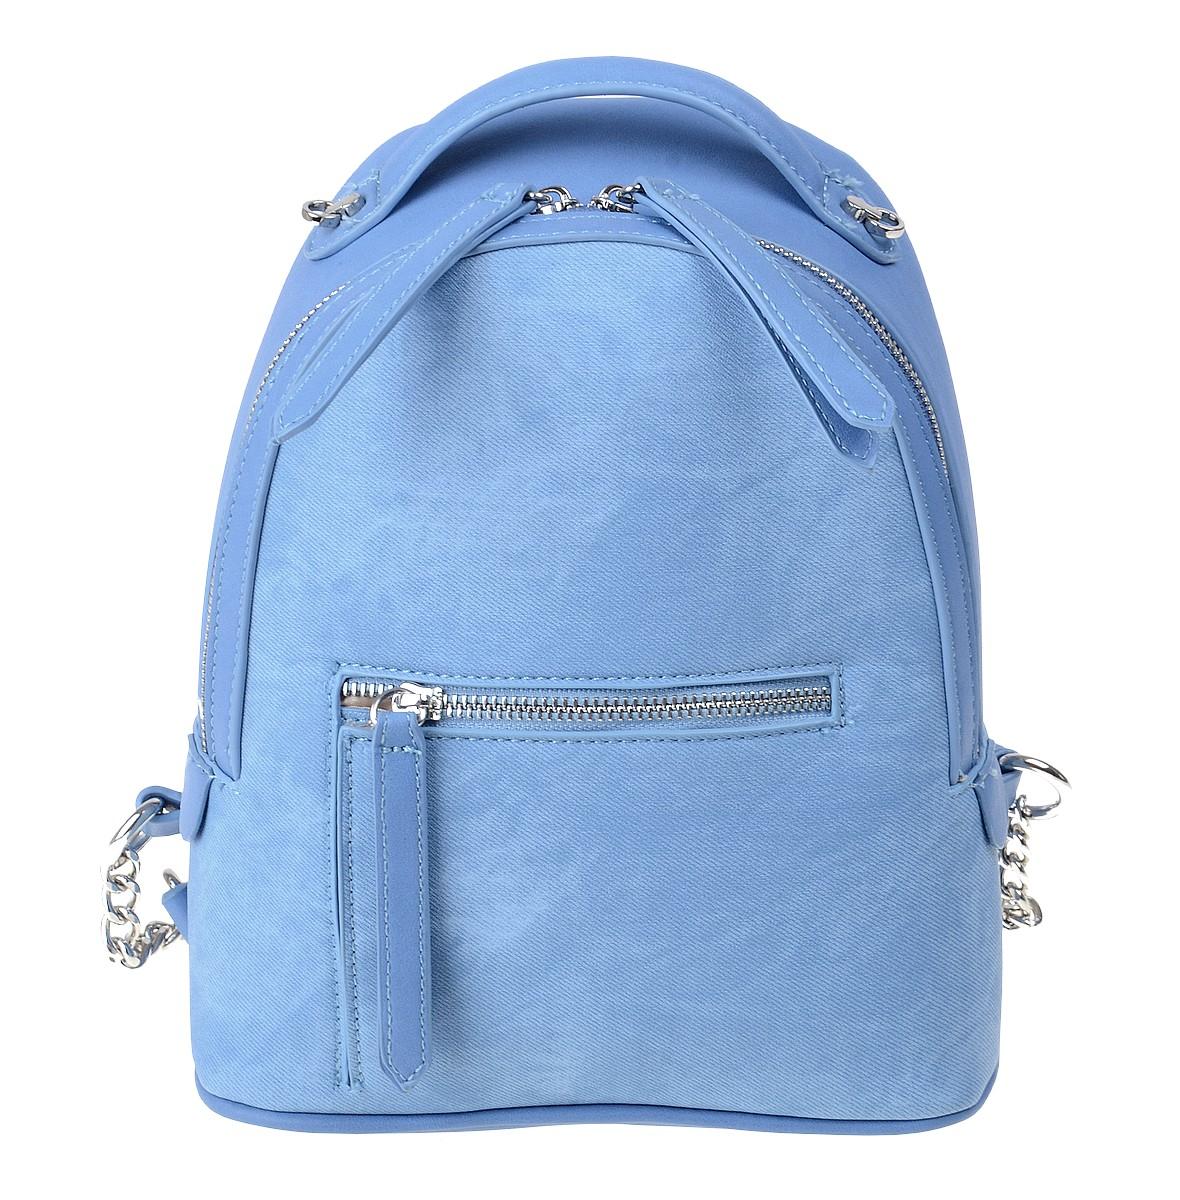 Рюкзак женский Dispacci, цвет: голубой. 32599BP-001 BKМодели итальянского бренда Dispacci совмещают в себе стиль, практичность и безукоризненное качество изготовления. Чтобы ваш рюкзак сумка всегда оставался в целости и выглядел как новый, дизайнеры Dispacci продумали его конструкцию до мельчайших деталей. Вся фурнитура, пряжки, замки и молнии сделаны из металла, а места креплений лямок и верхней ручки прошиты крепкими нитками. Мы предлагаем очень практичную модель с вместительным центральным отделением и наружным карманом, который закрывается на молнию. Для удобства открывания все замки снабжены стильными цифрами из экокожи. Рюкзак в комплекте с широким ремнем декорированным цветочками из экокожи в цвет изделия. Высота ручки 5 см.